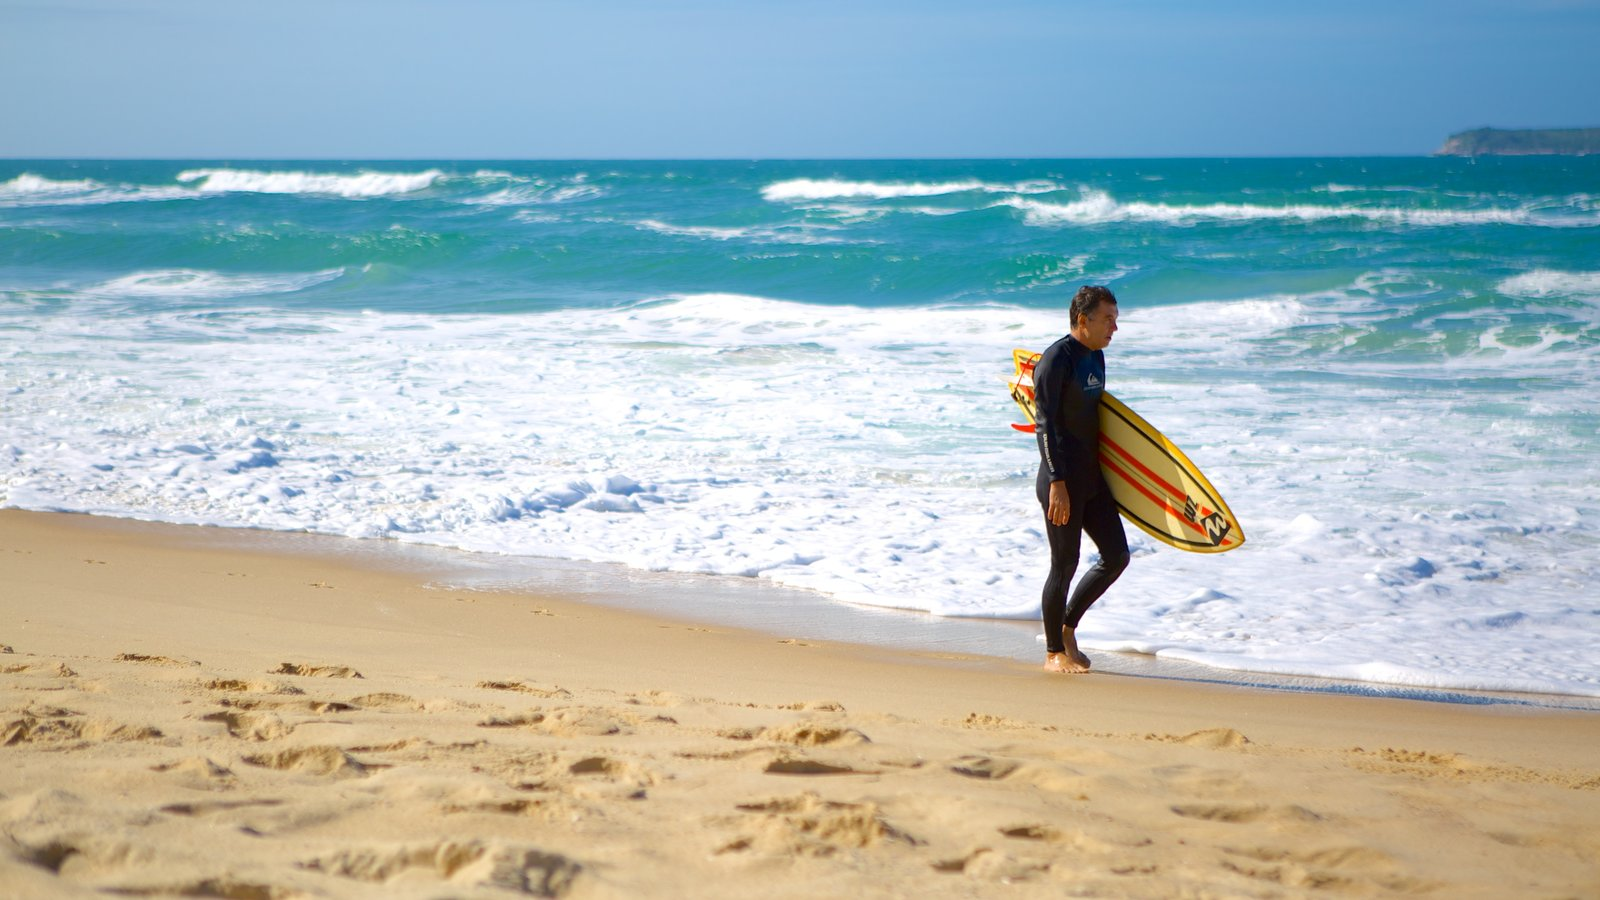 Praia Mole que inclui surfe e uma praia assim como um homem sozinho